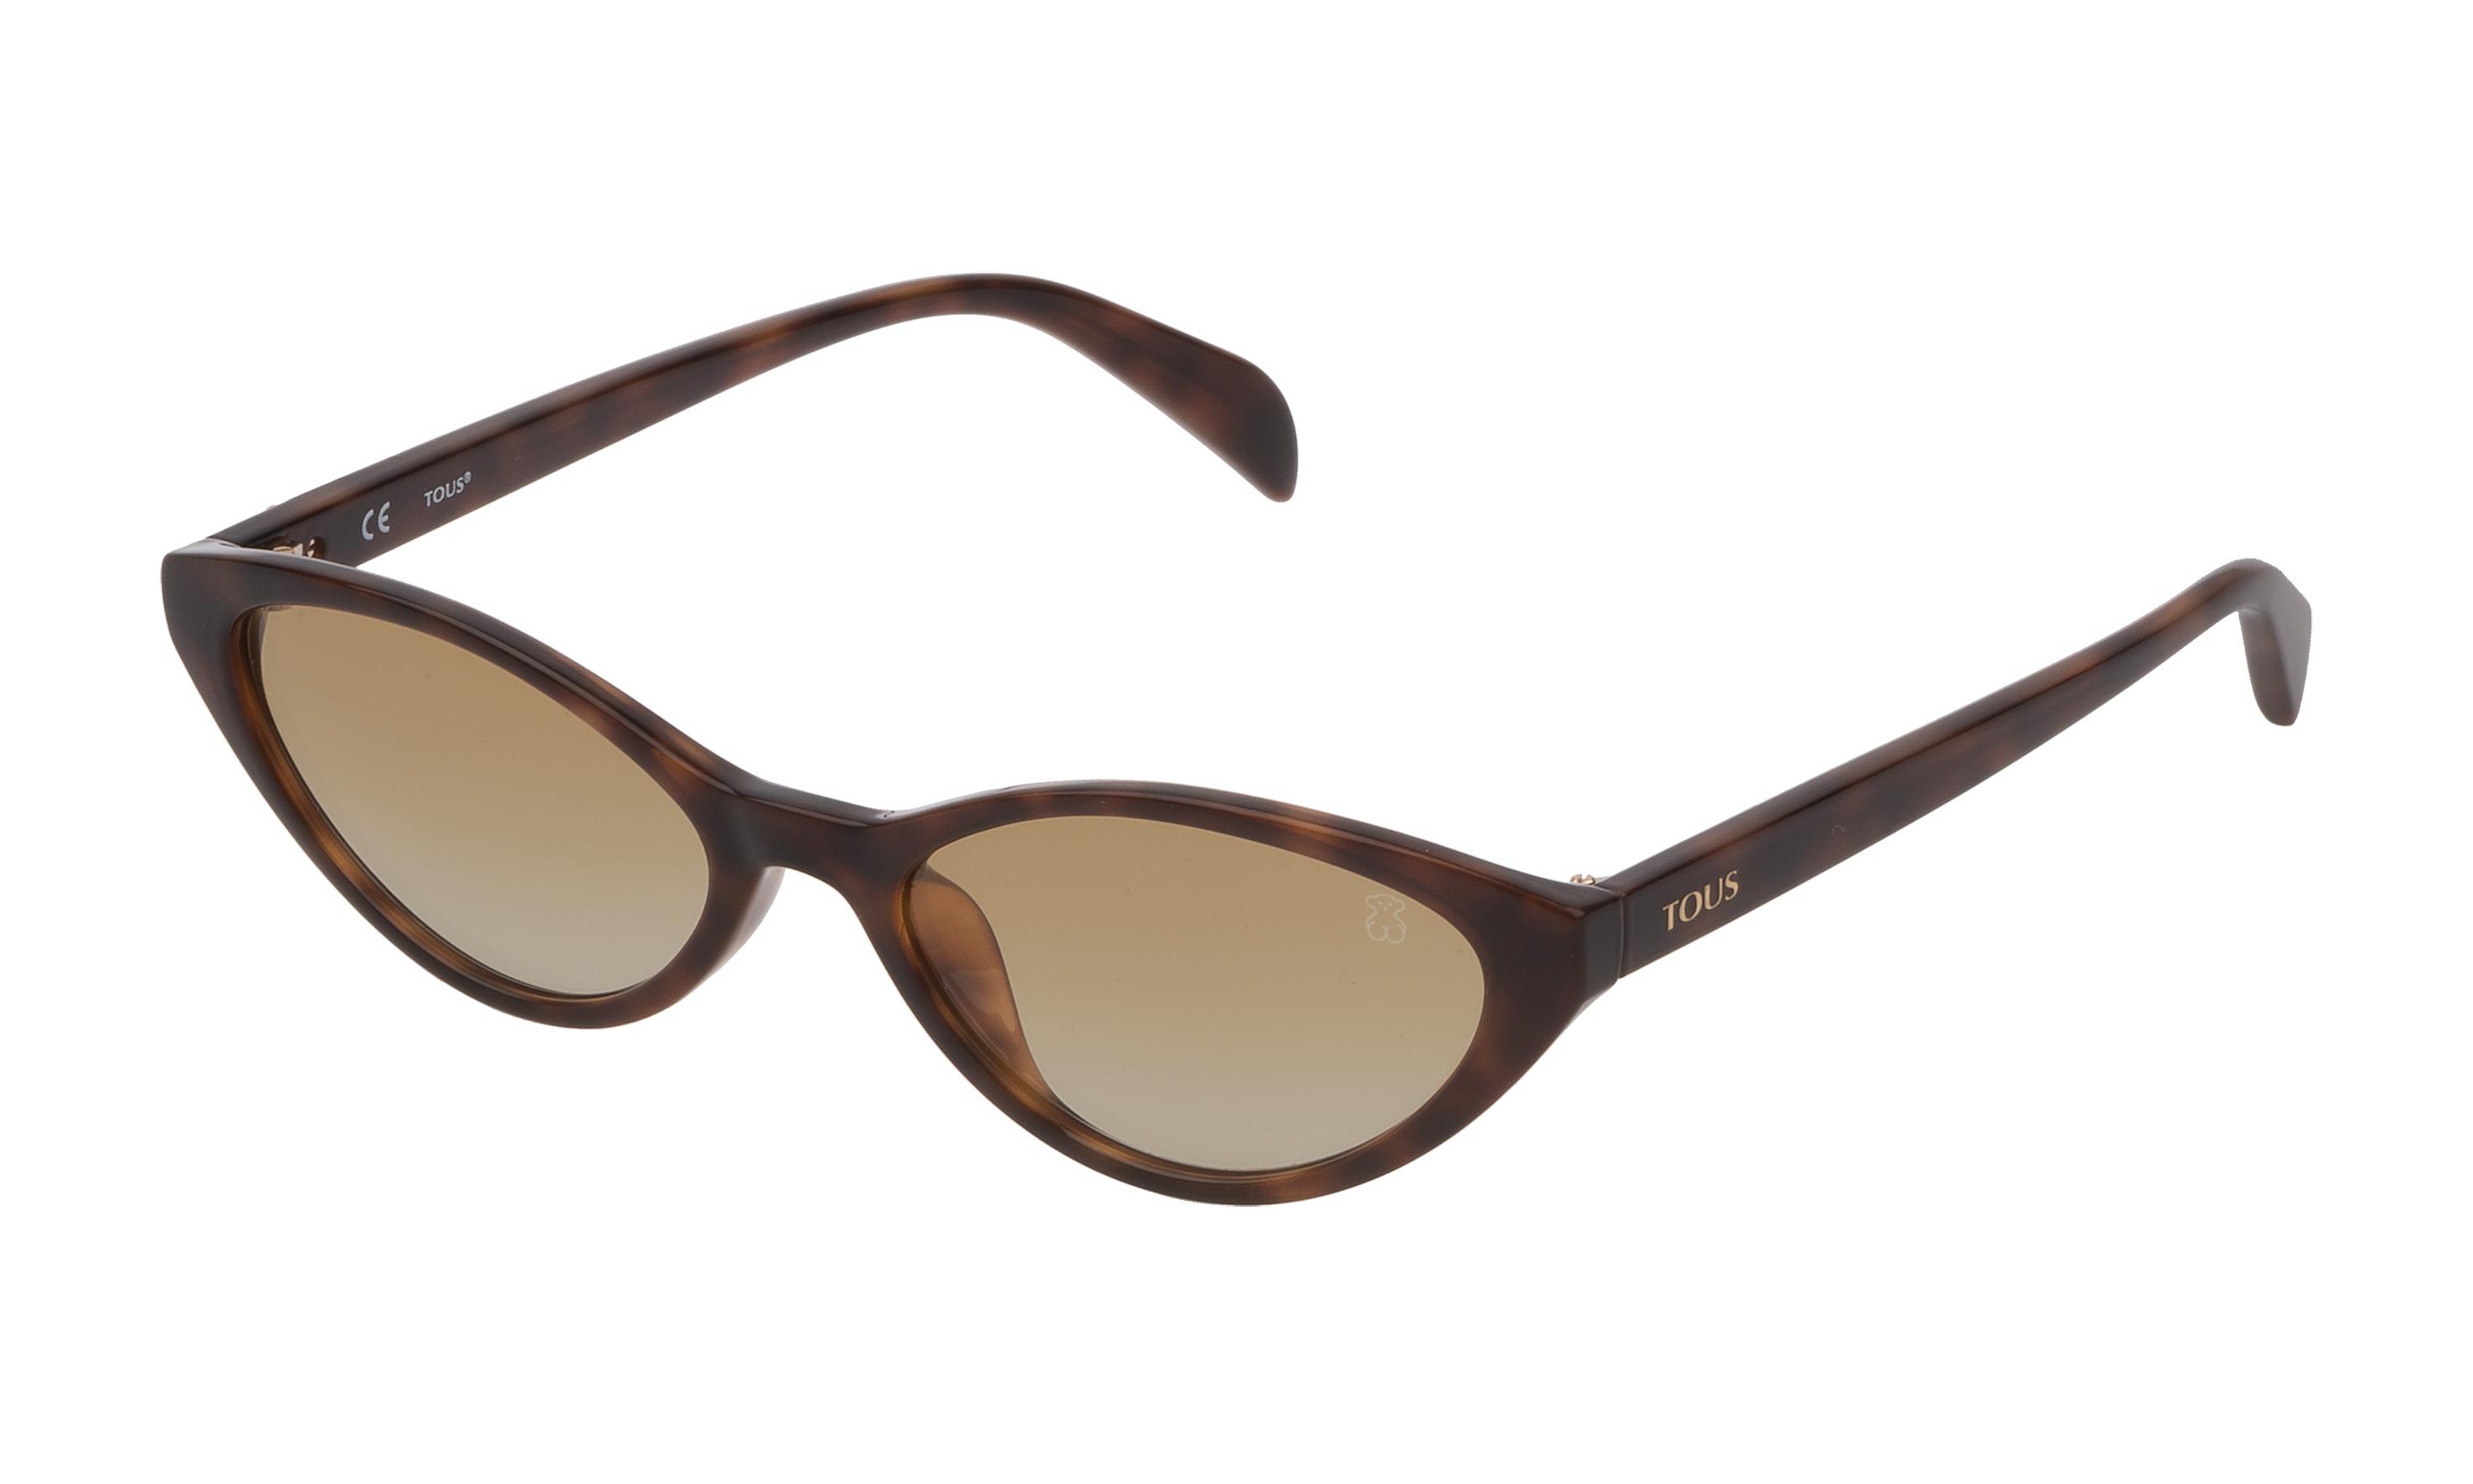 TOUS STO 394 0978  Gafas de sol Mujer